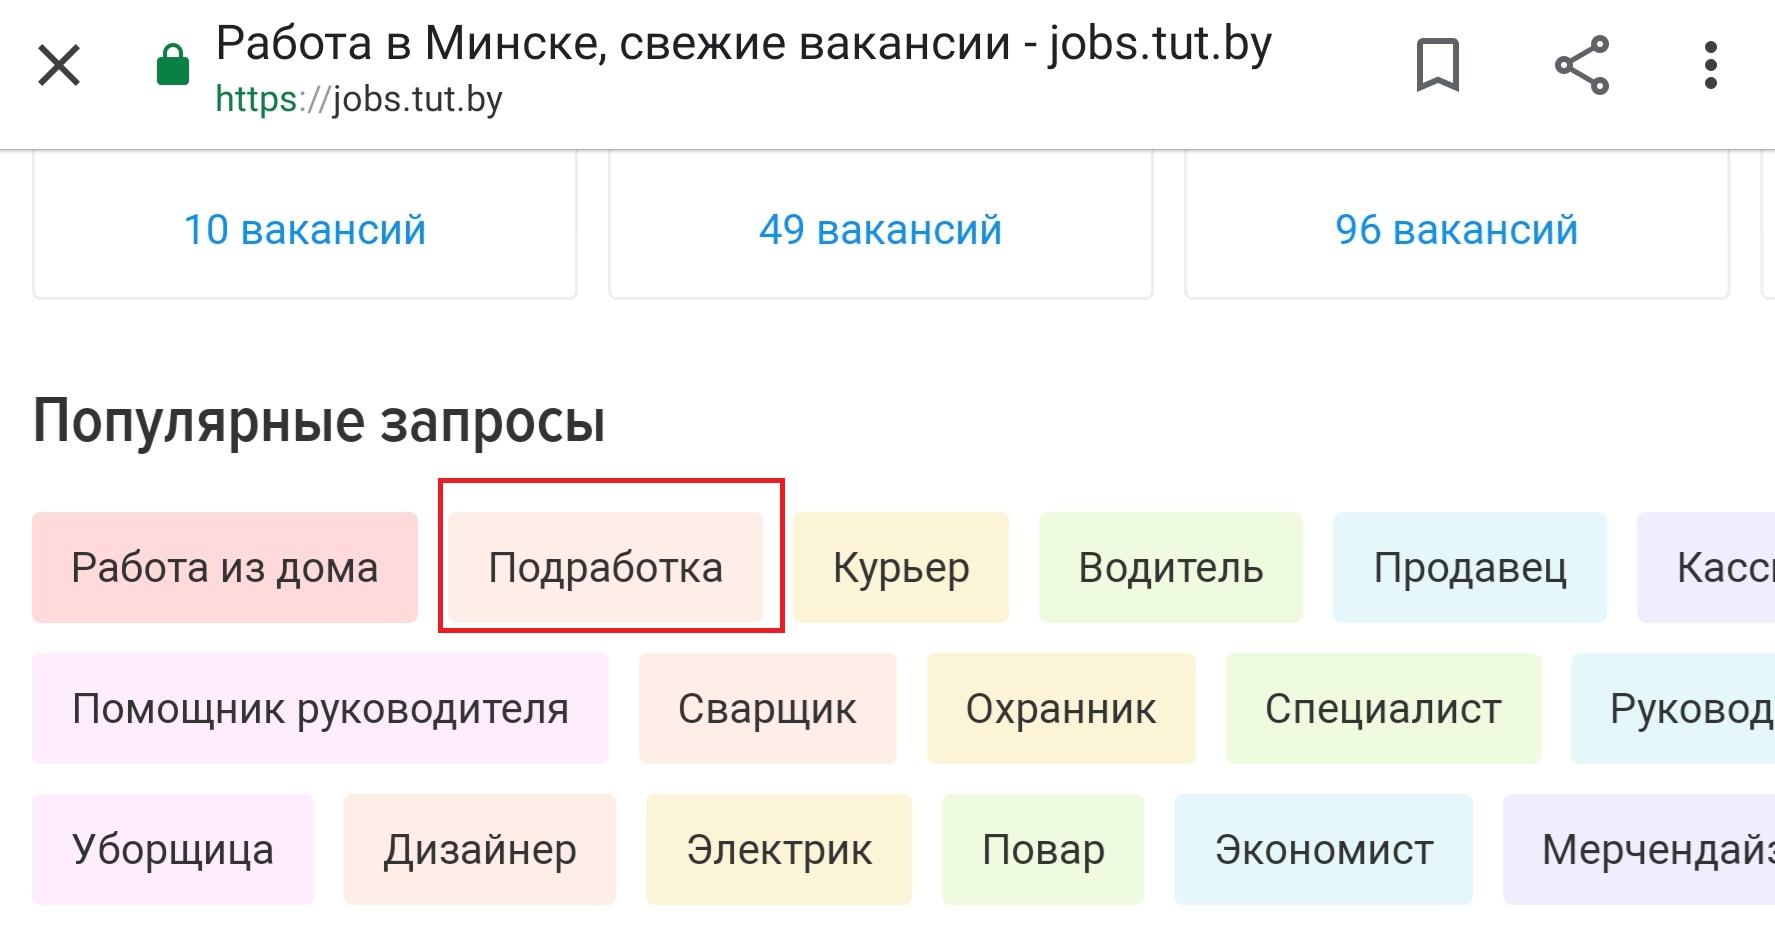 Как искать подработку на rabota.tut.by?